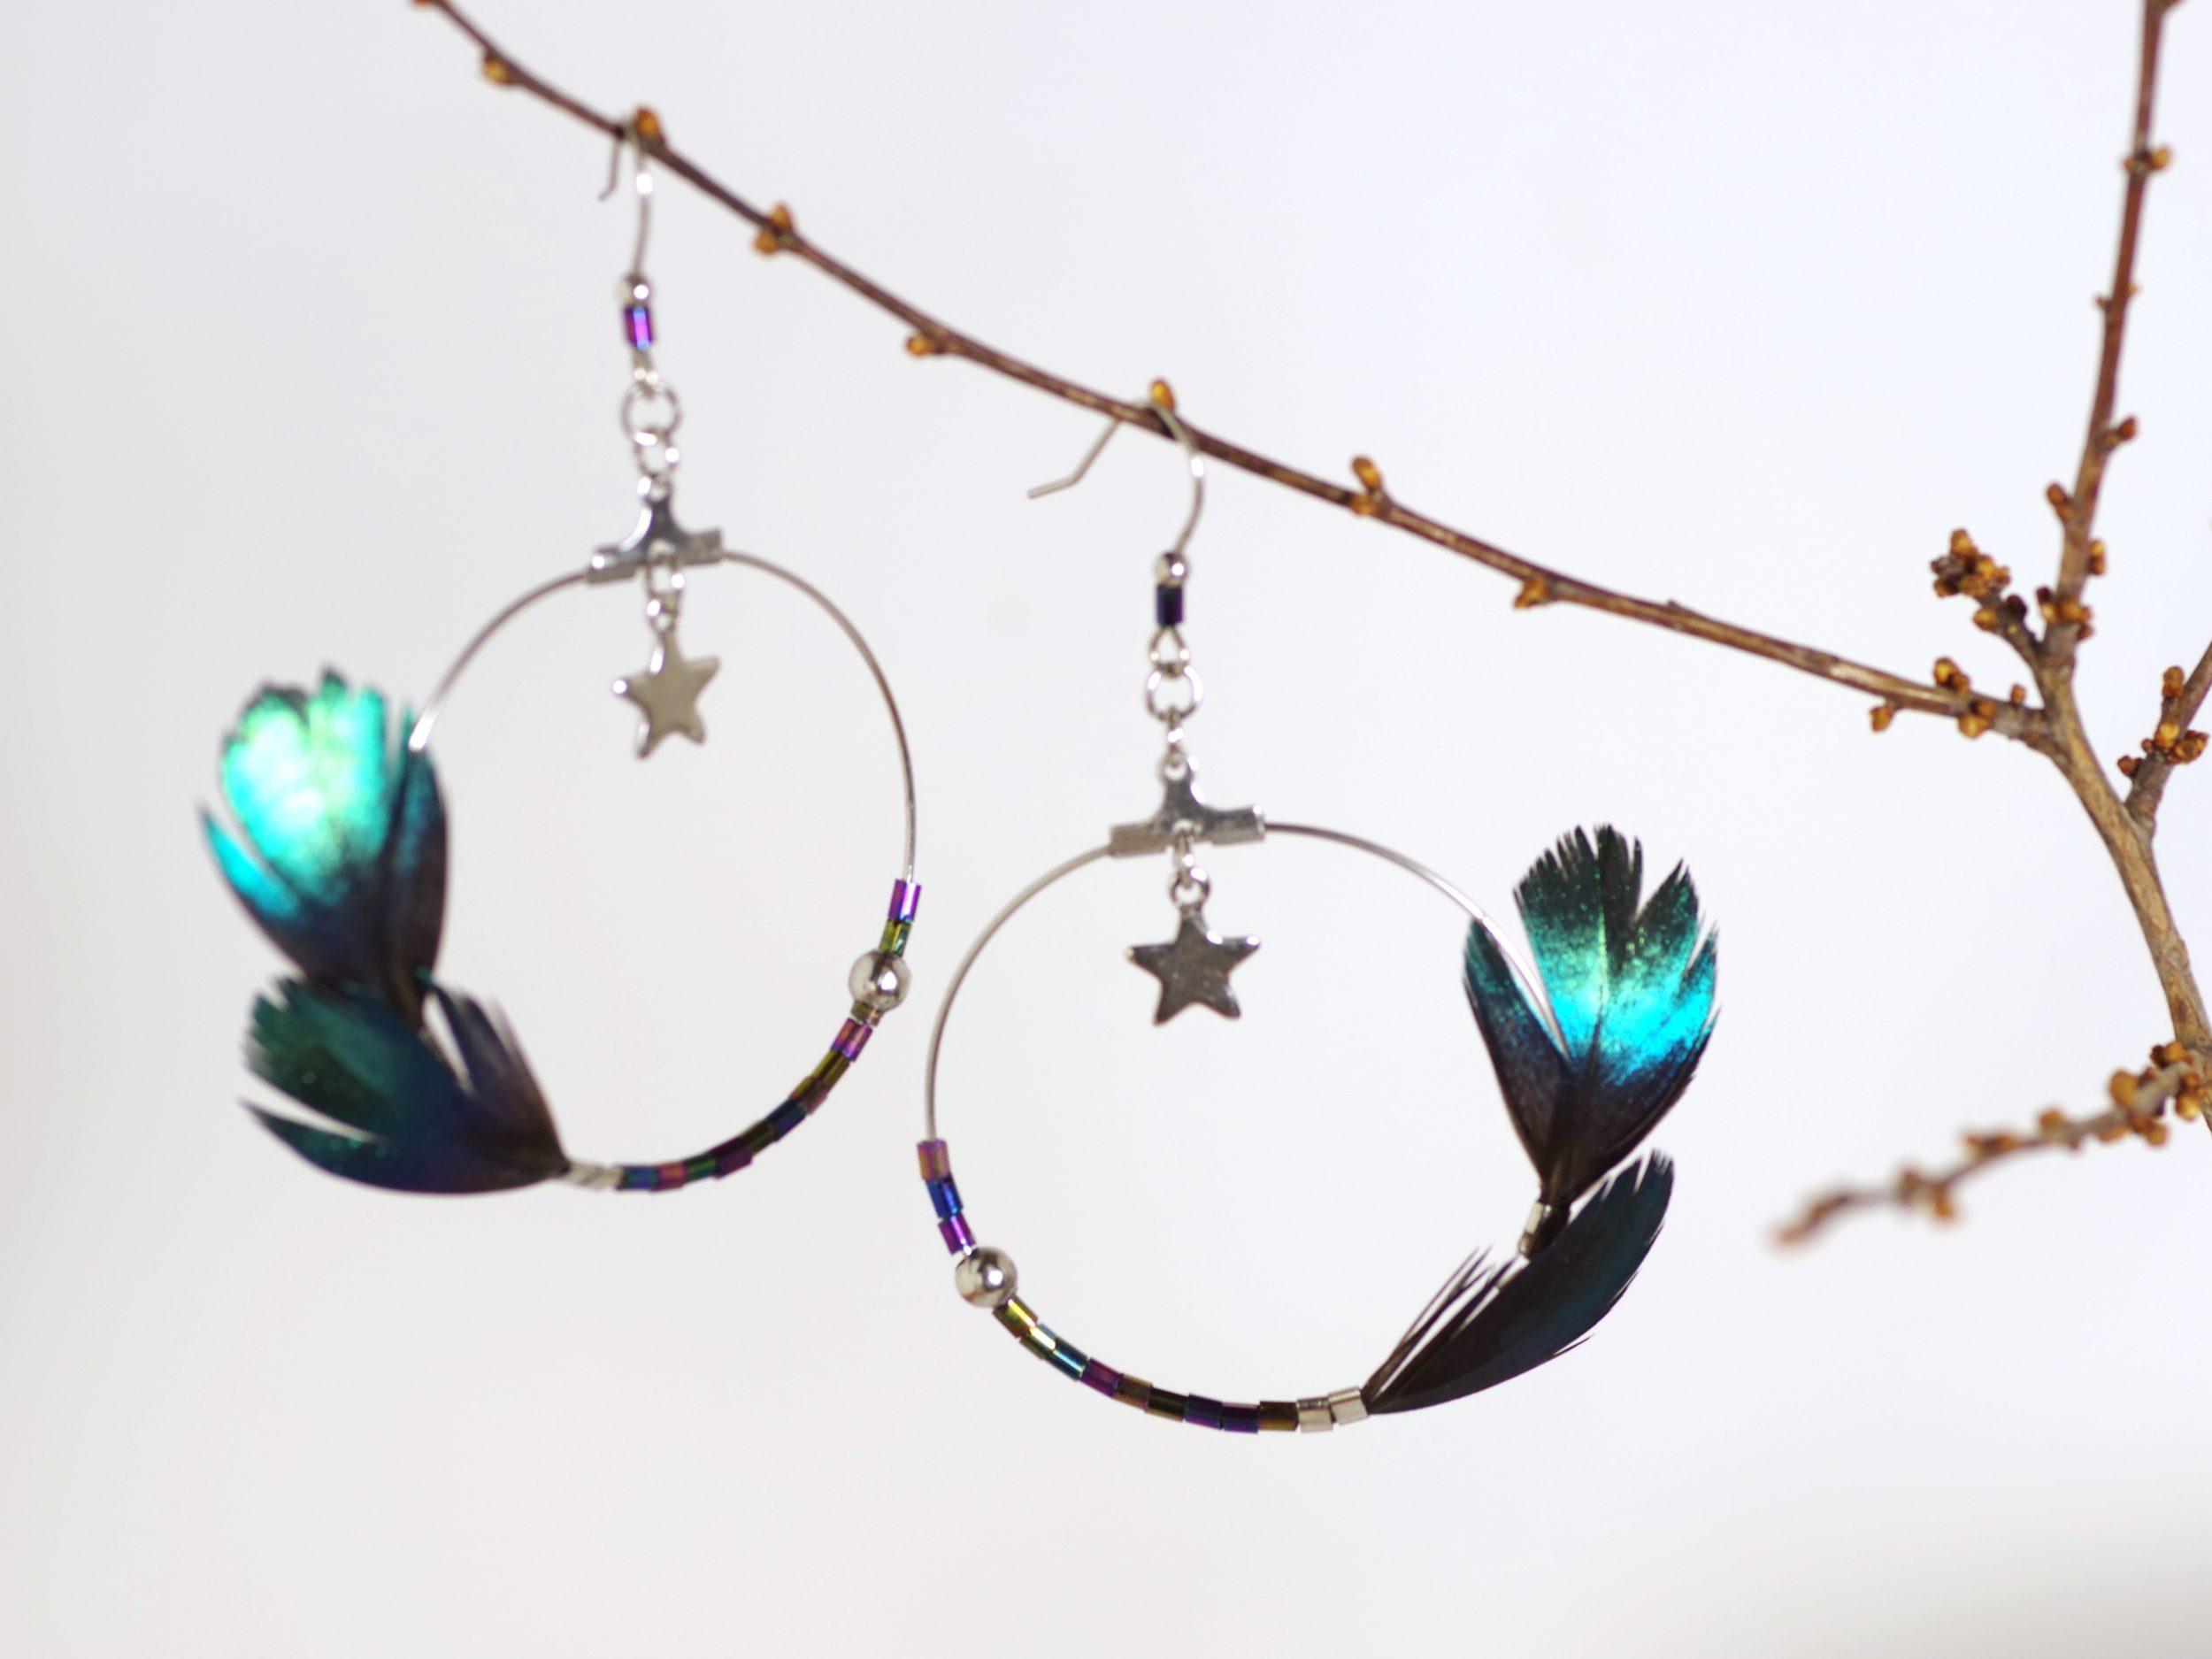 boucles d'oreilles avec de grands anneaux asymétriques décorés d'un côté avec des plumes bleu-vert brillantes et de l'autre avec de petites perles aux couleurs assorties aux plumes